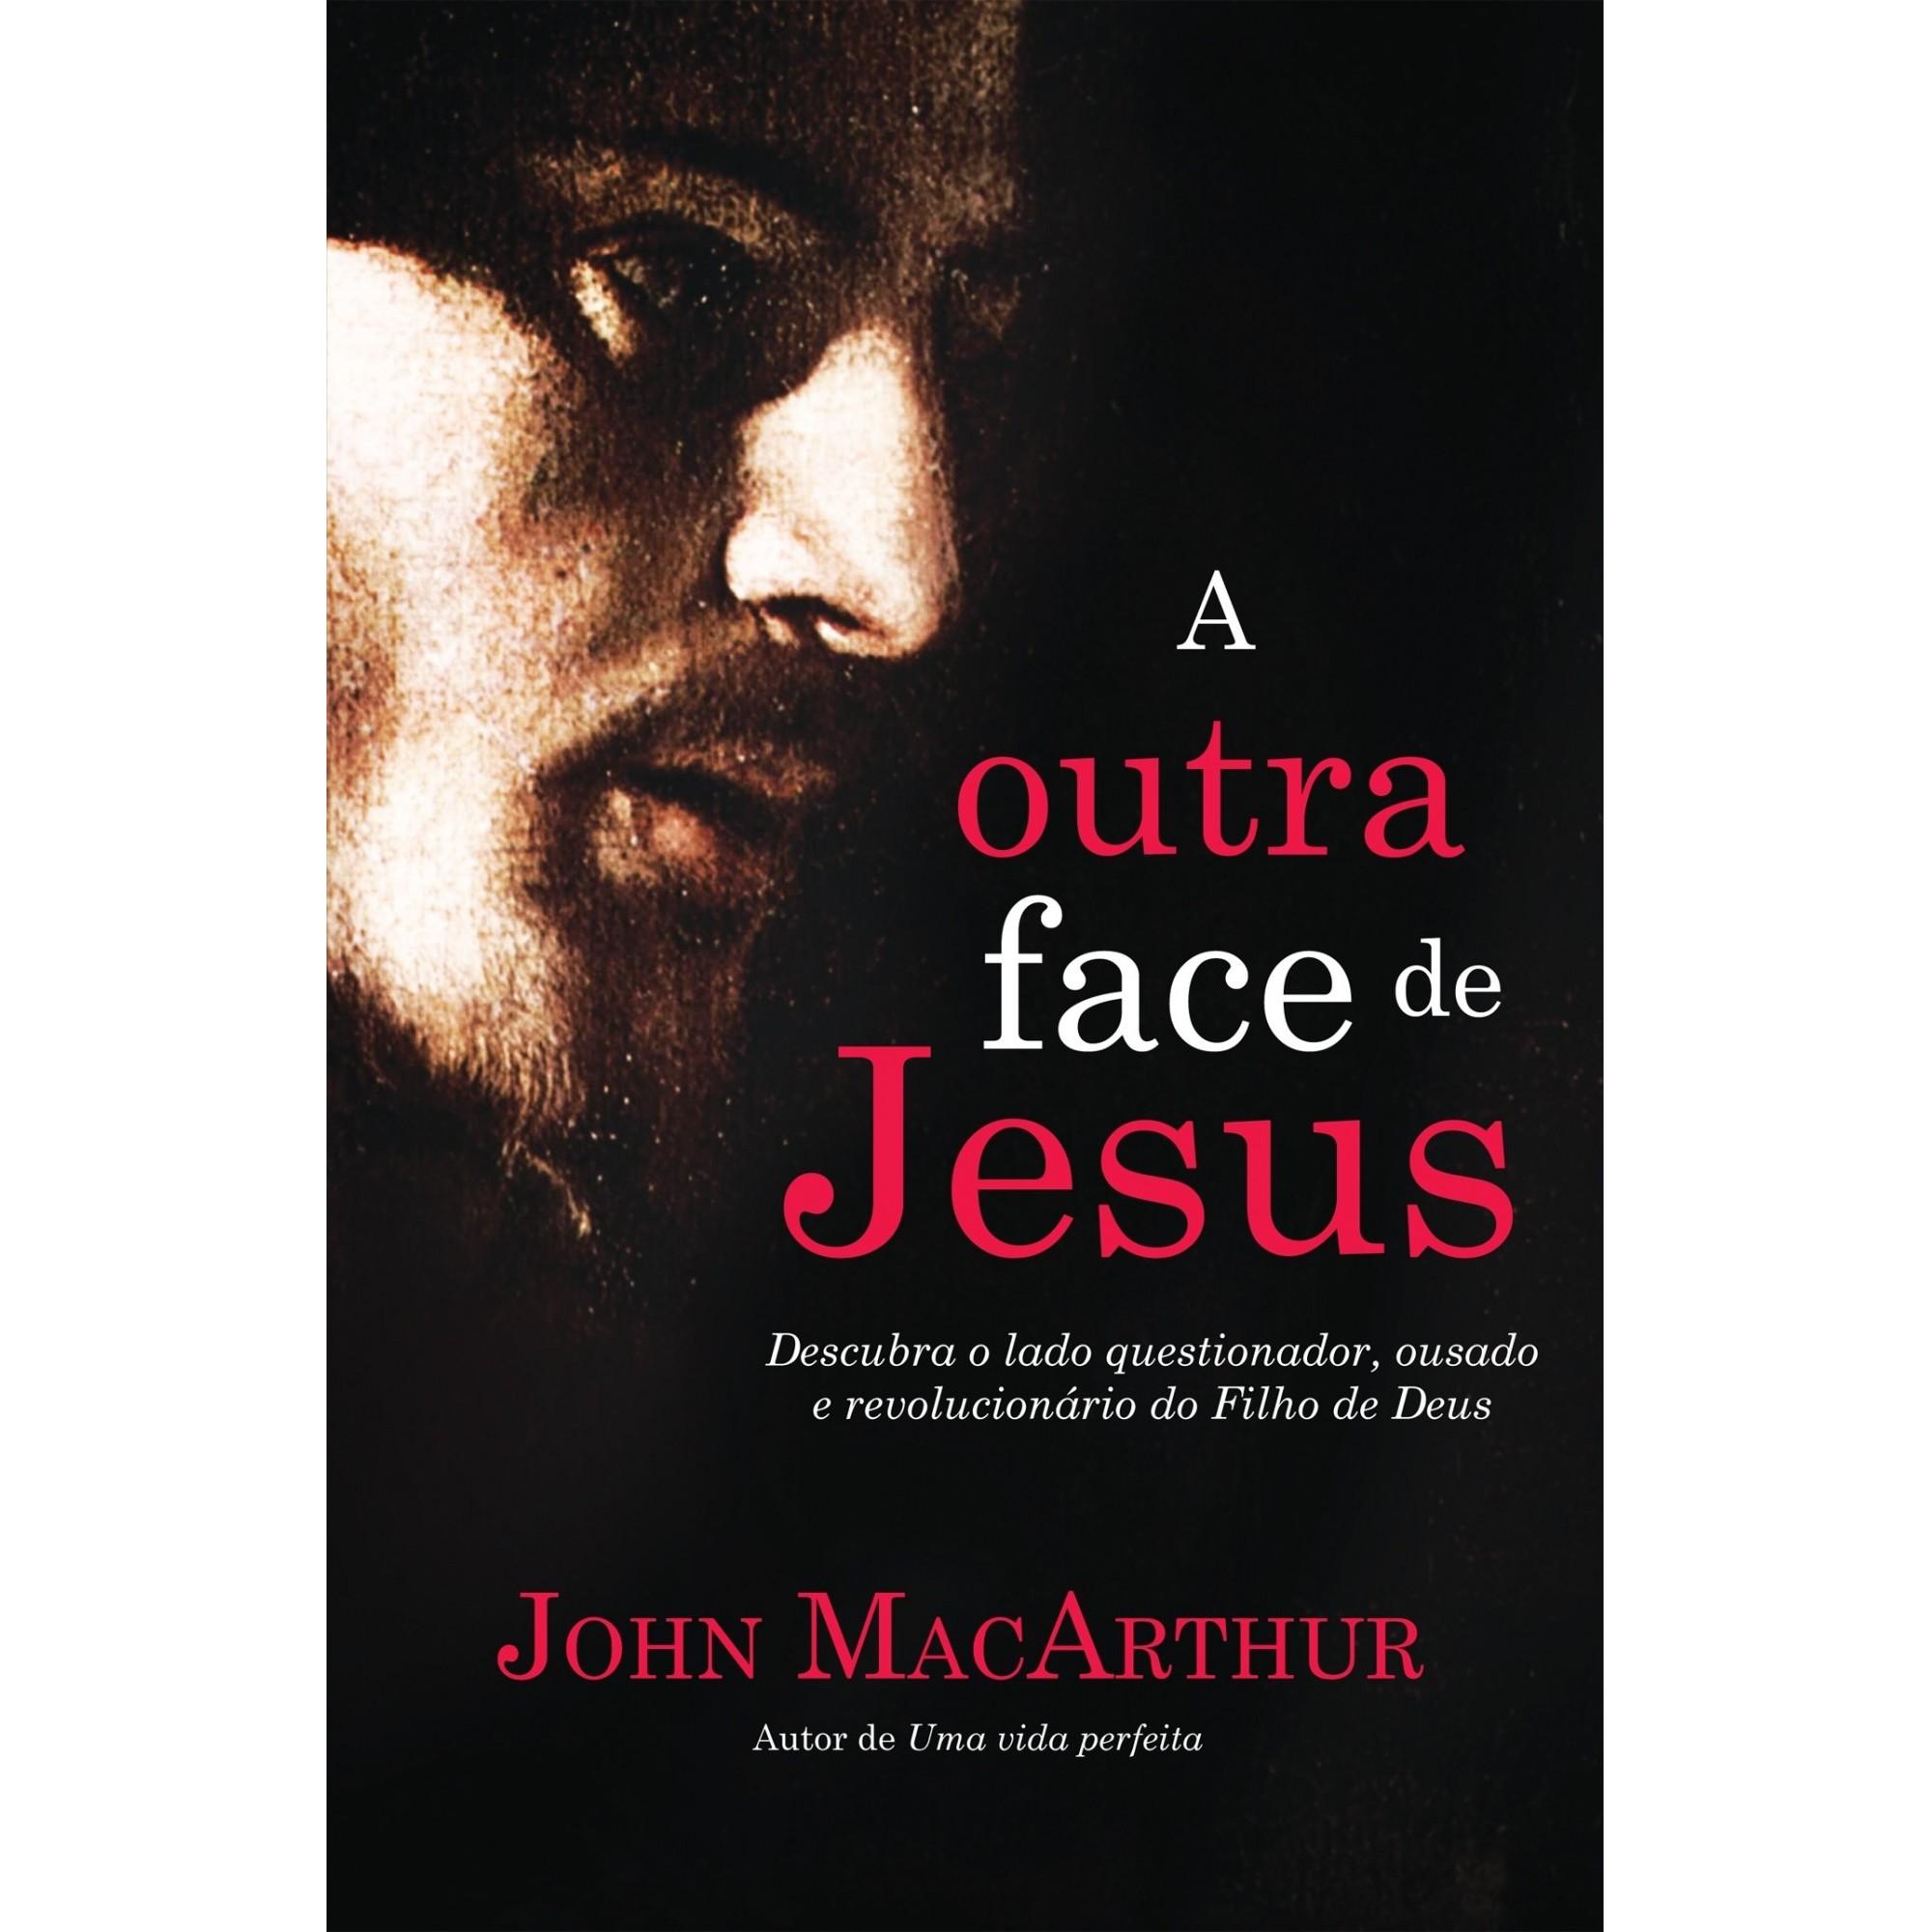 OUTRA FACE DE JESUS, A - DESCUBRA O LADO QUESTIONADOR, CRITICO, IMPETUOSO E